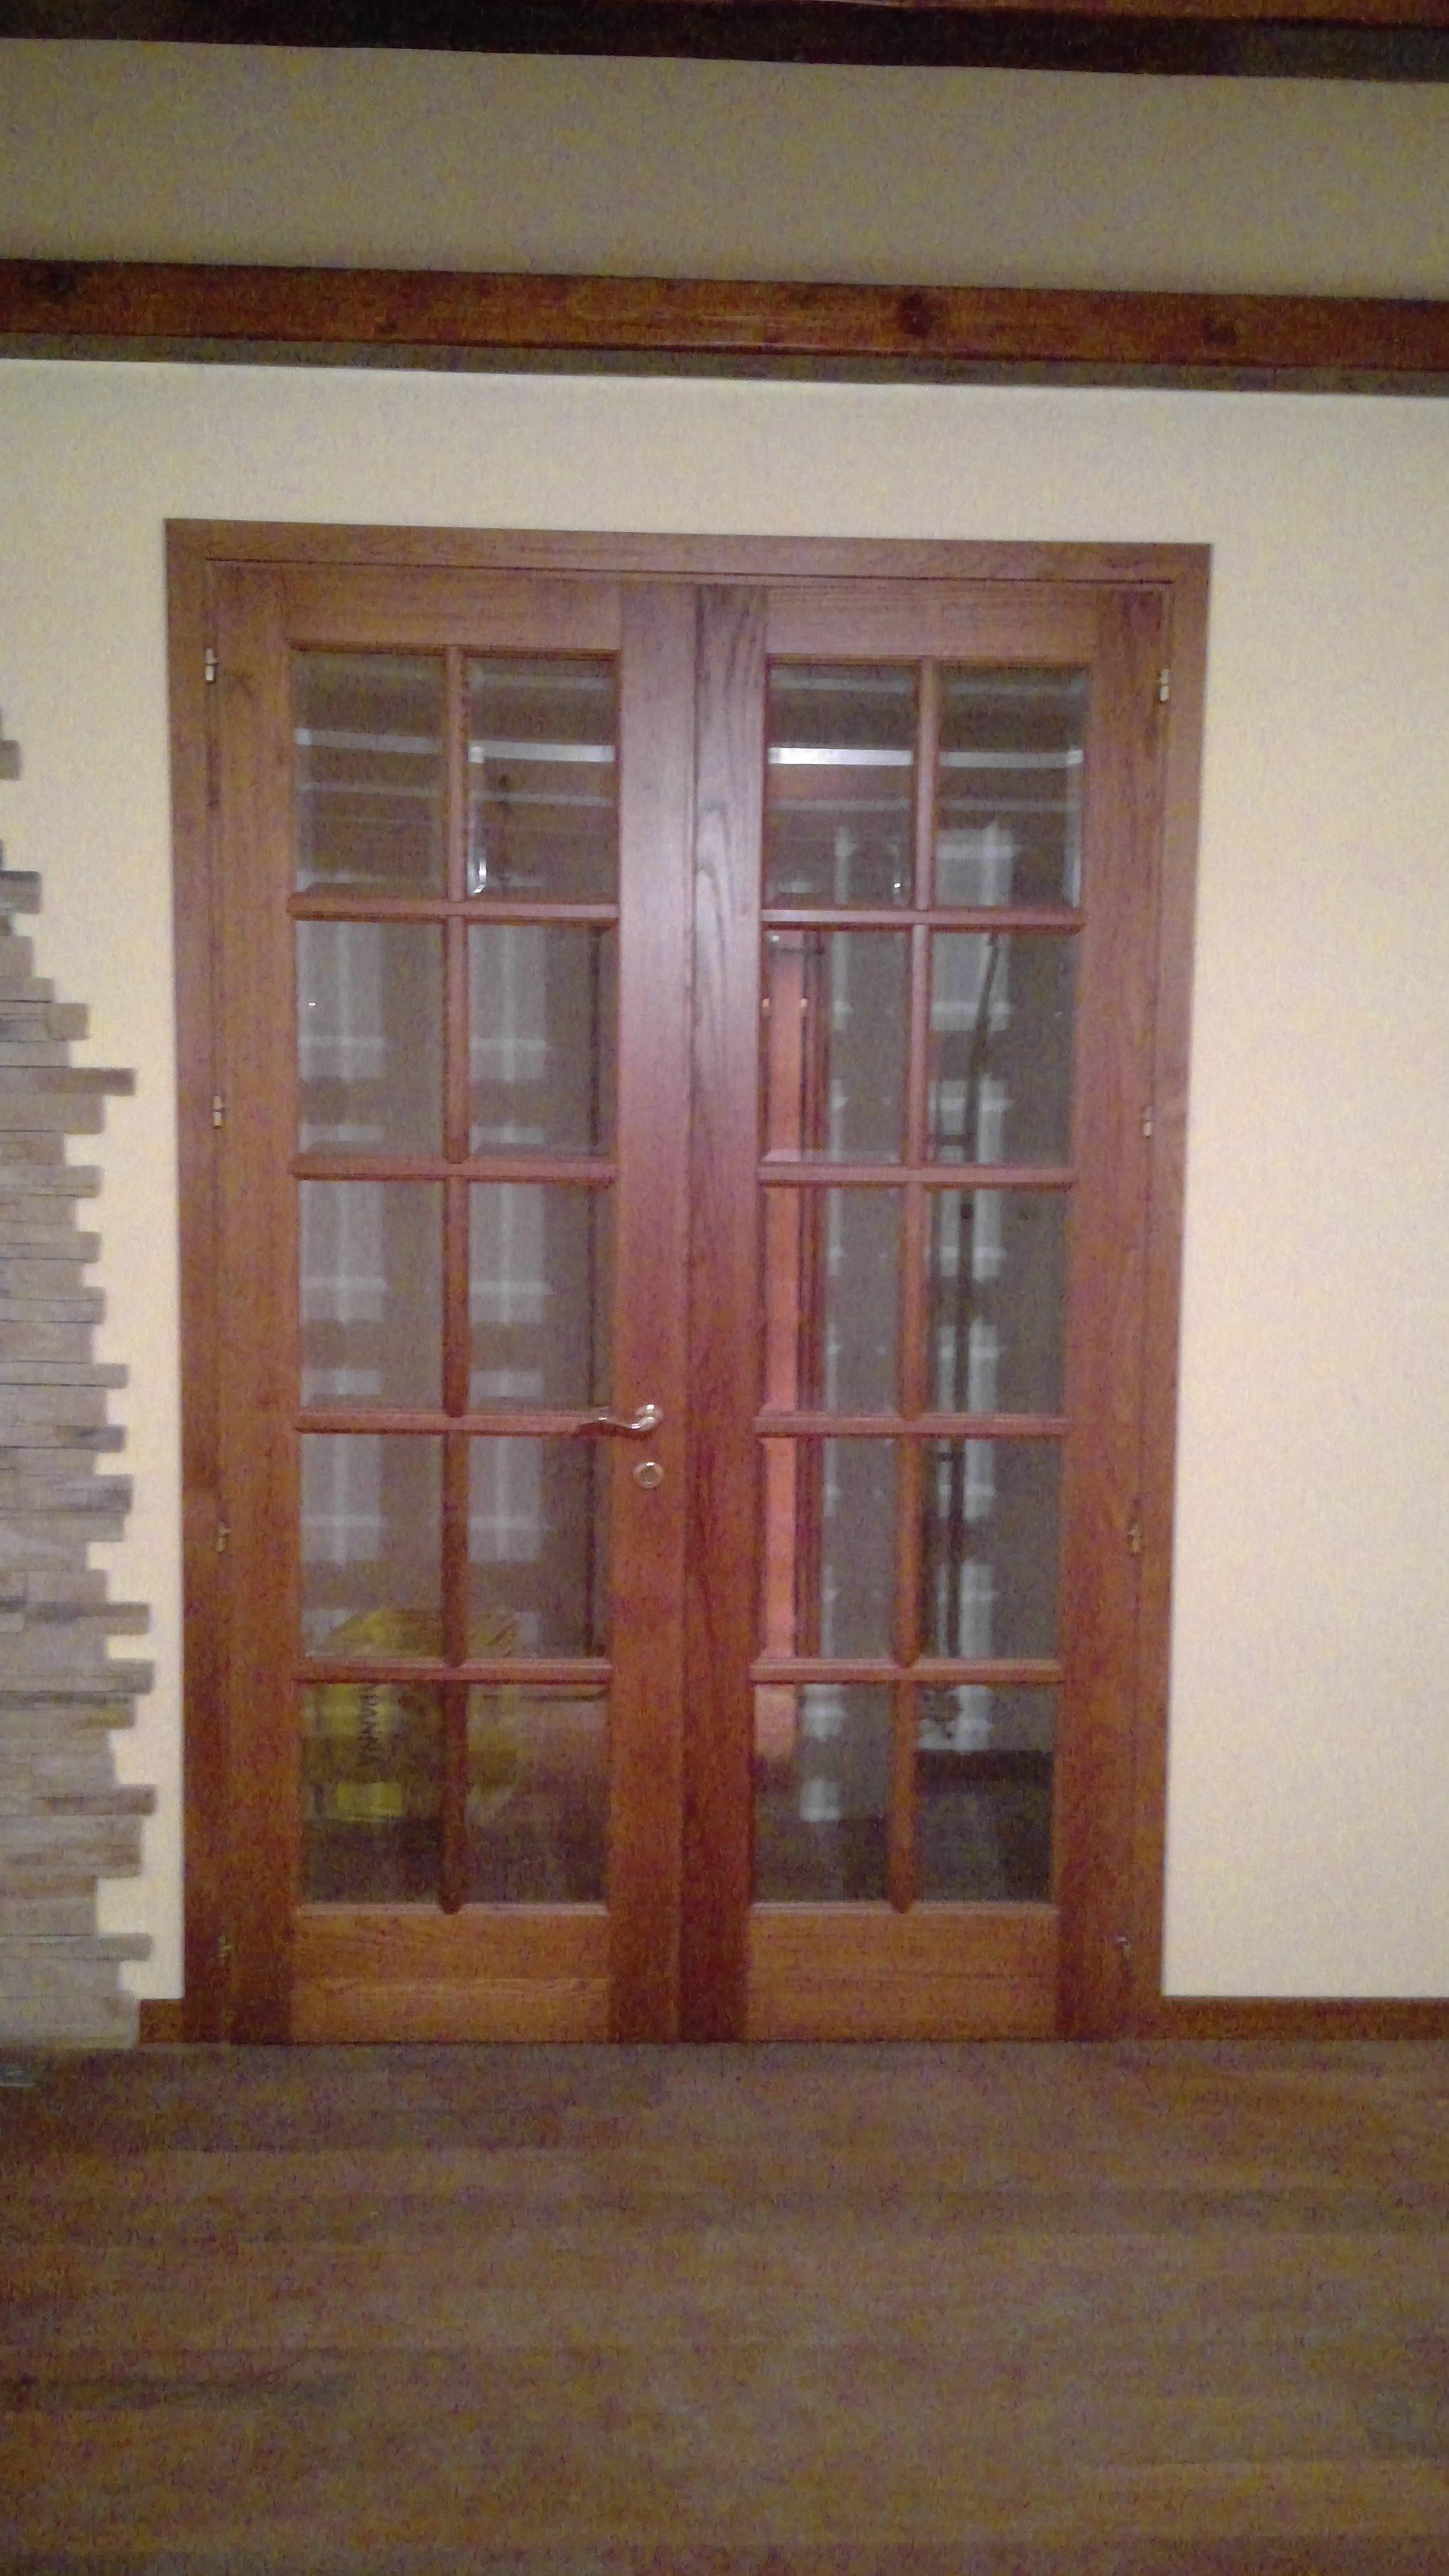 Porte finestre a vetri in legno